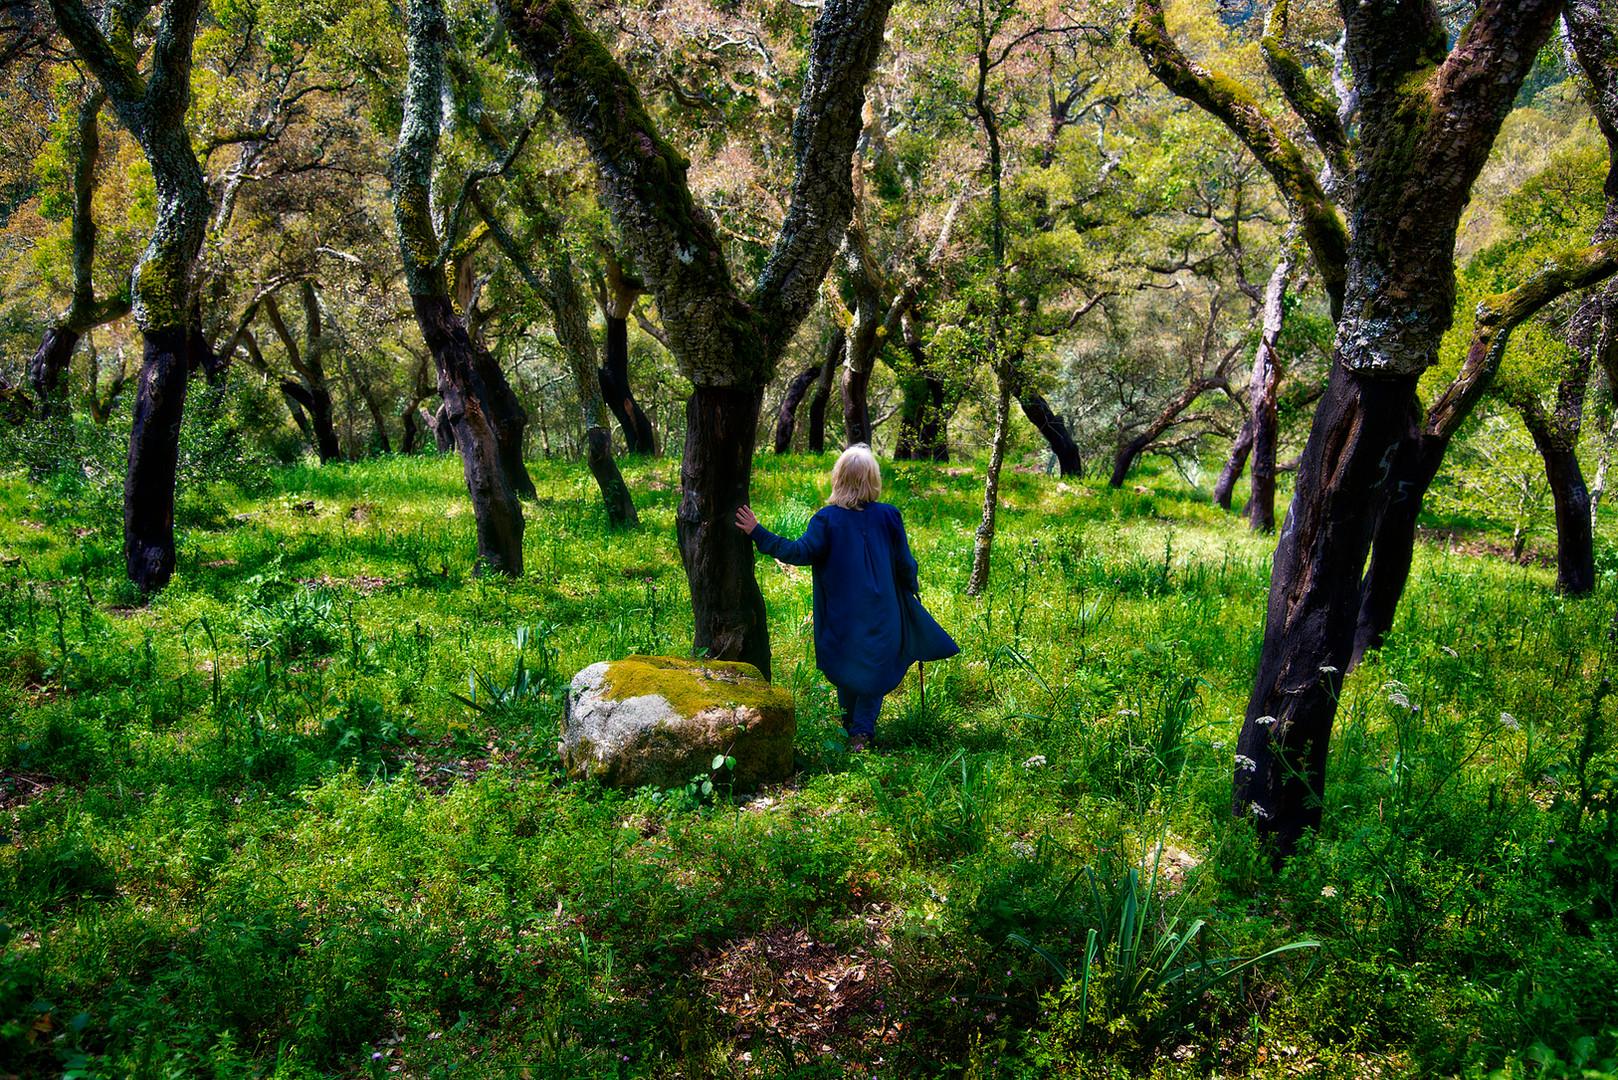 Walking in cork oaks